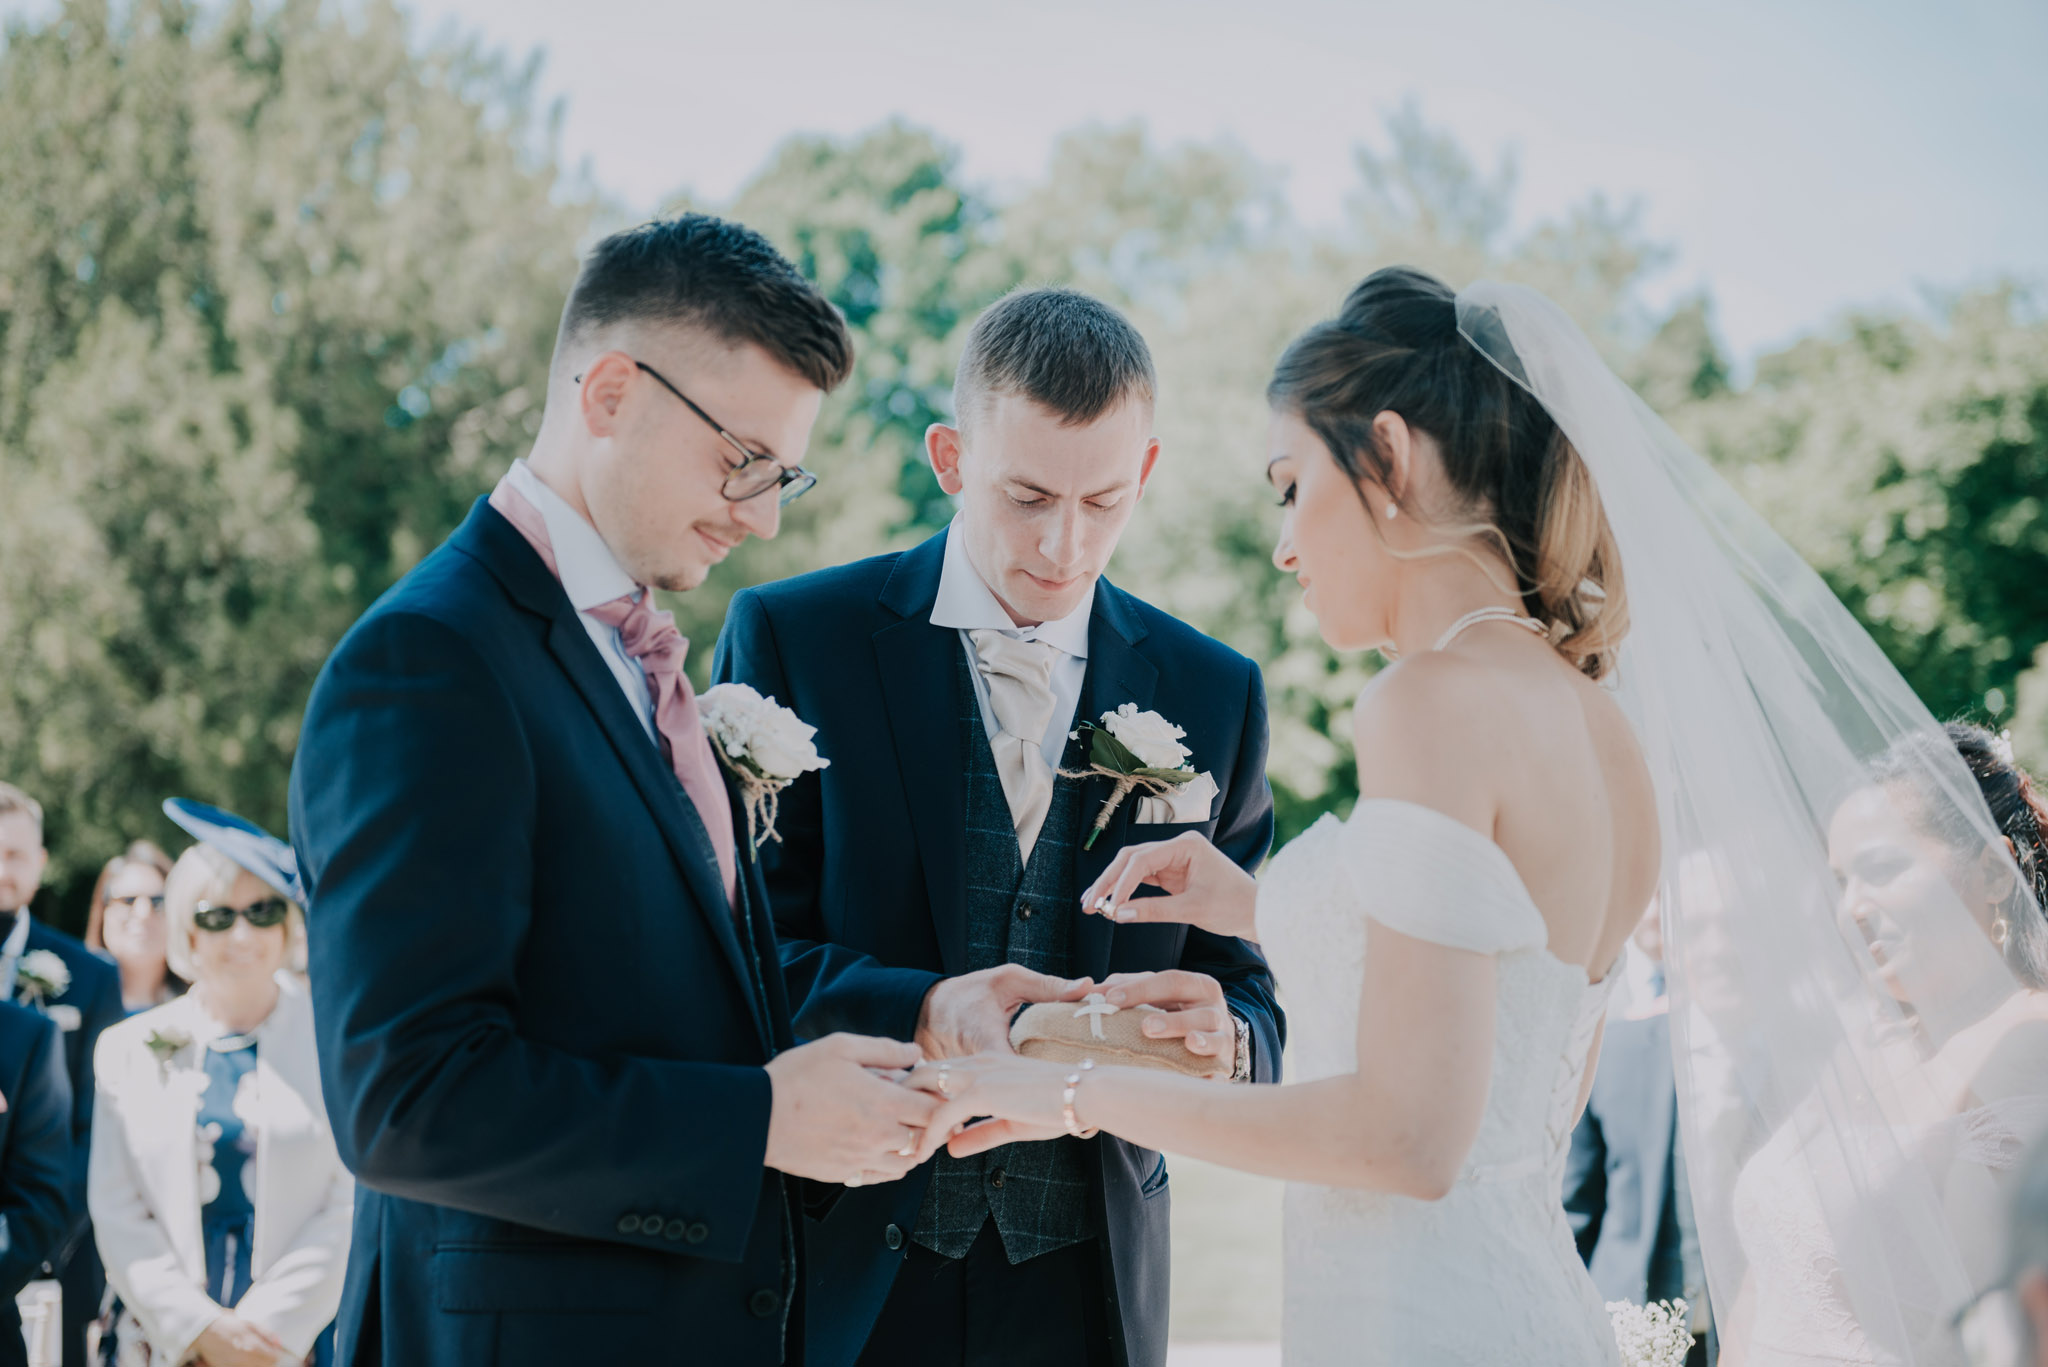 scott-stockwell-wedding-photographer-wood-norton-evesham169.jpg